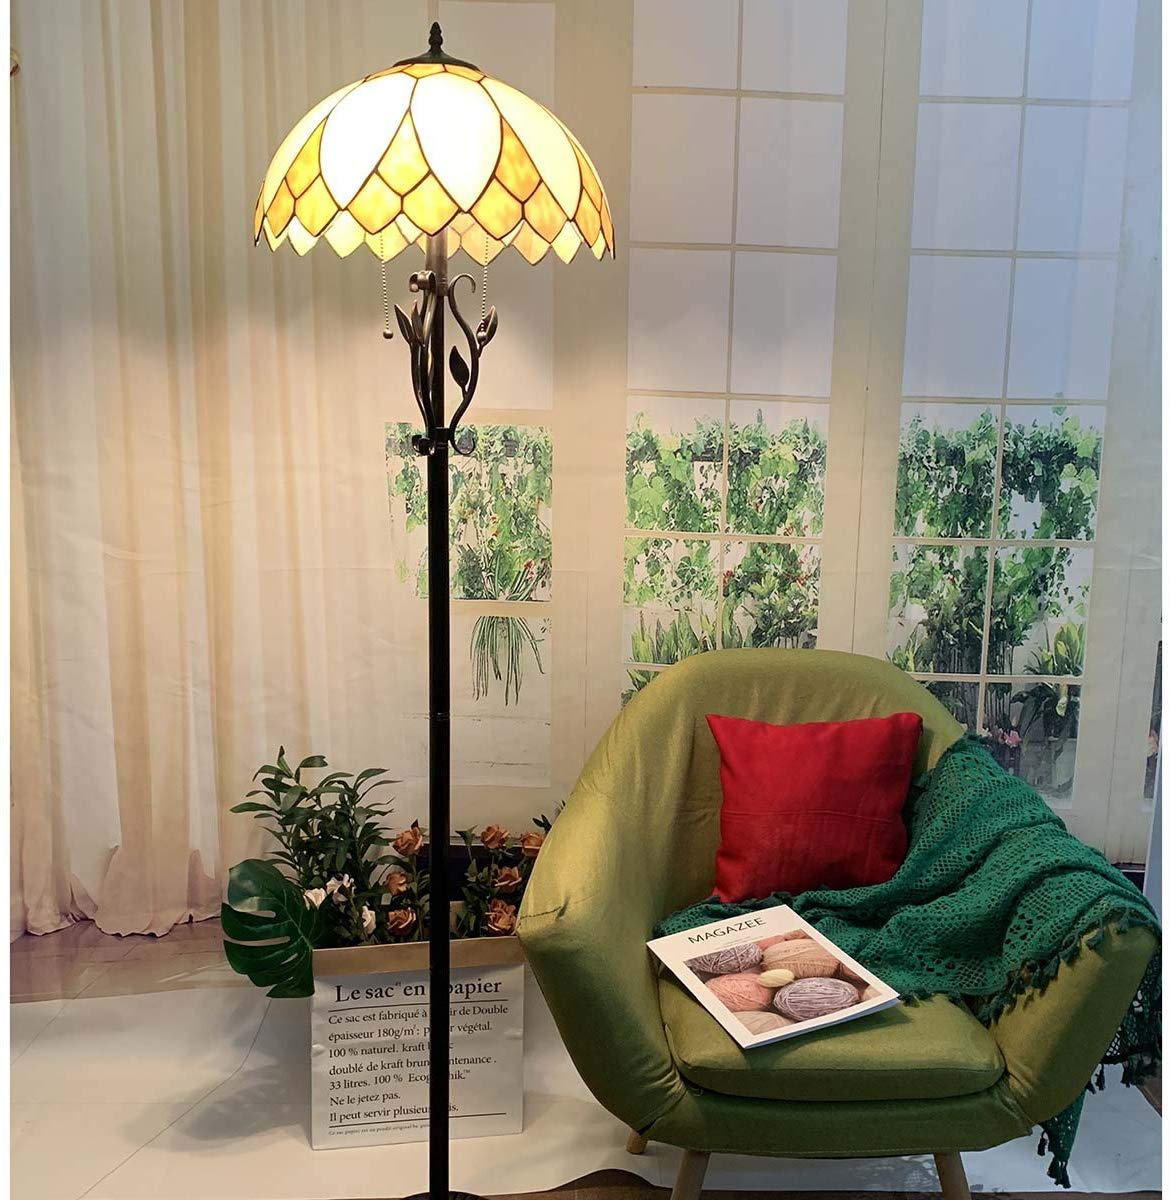 Bieye照明L10731 フロアスタンドランプ ステンドグラスランプ インテリアライト雰囲気ランプ 飾りランプ フロアスタンド フロアライト フロアランプ 癒しグッズ ロマンチック 高級ガラスランプ ティファニーランプ